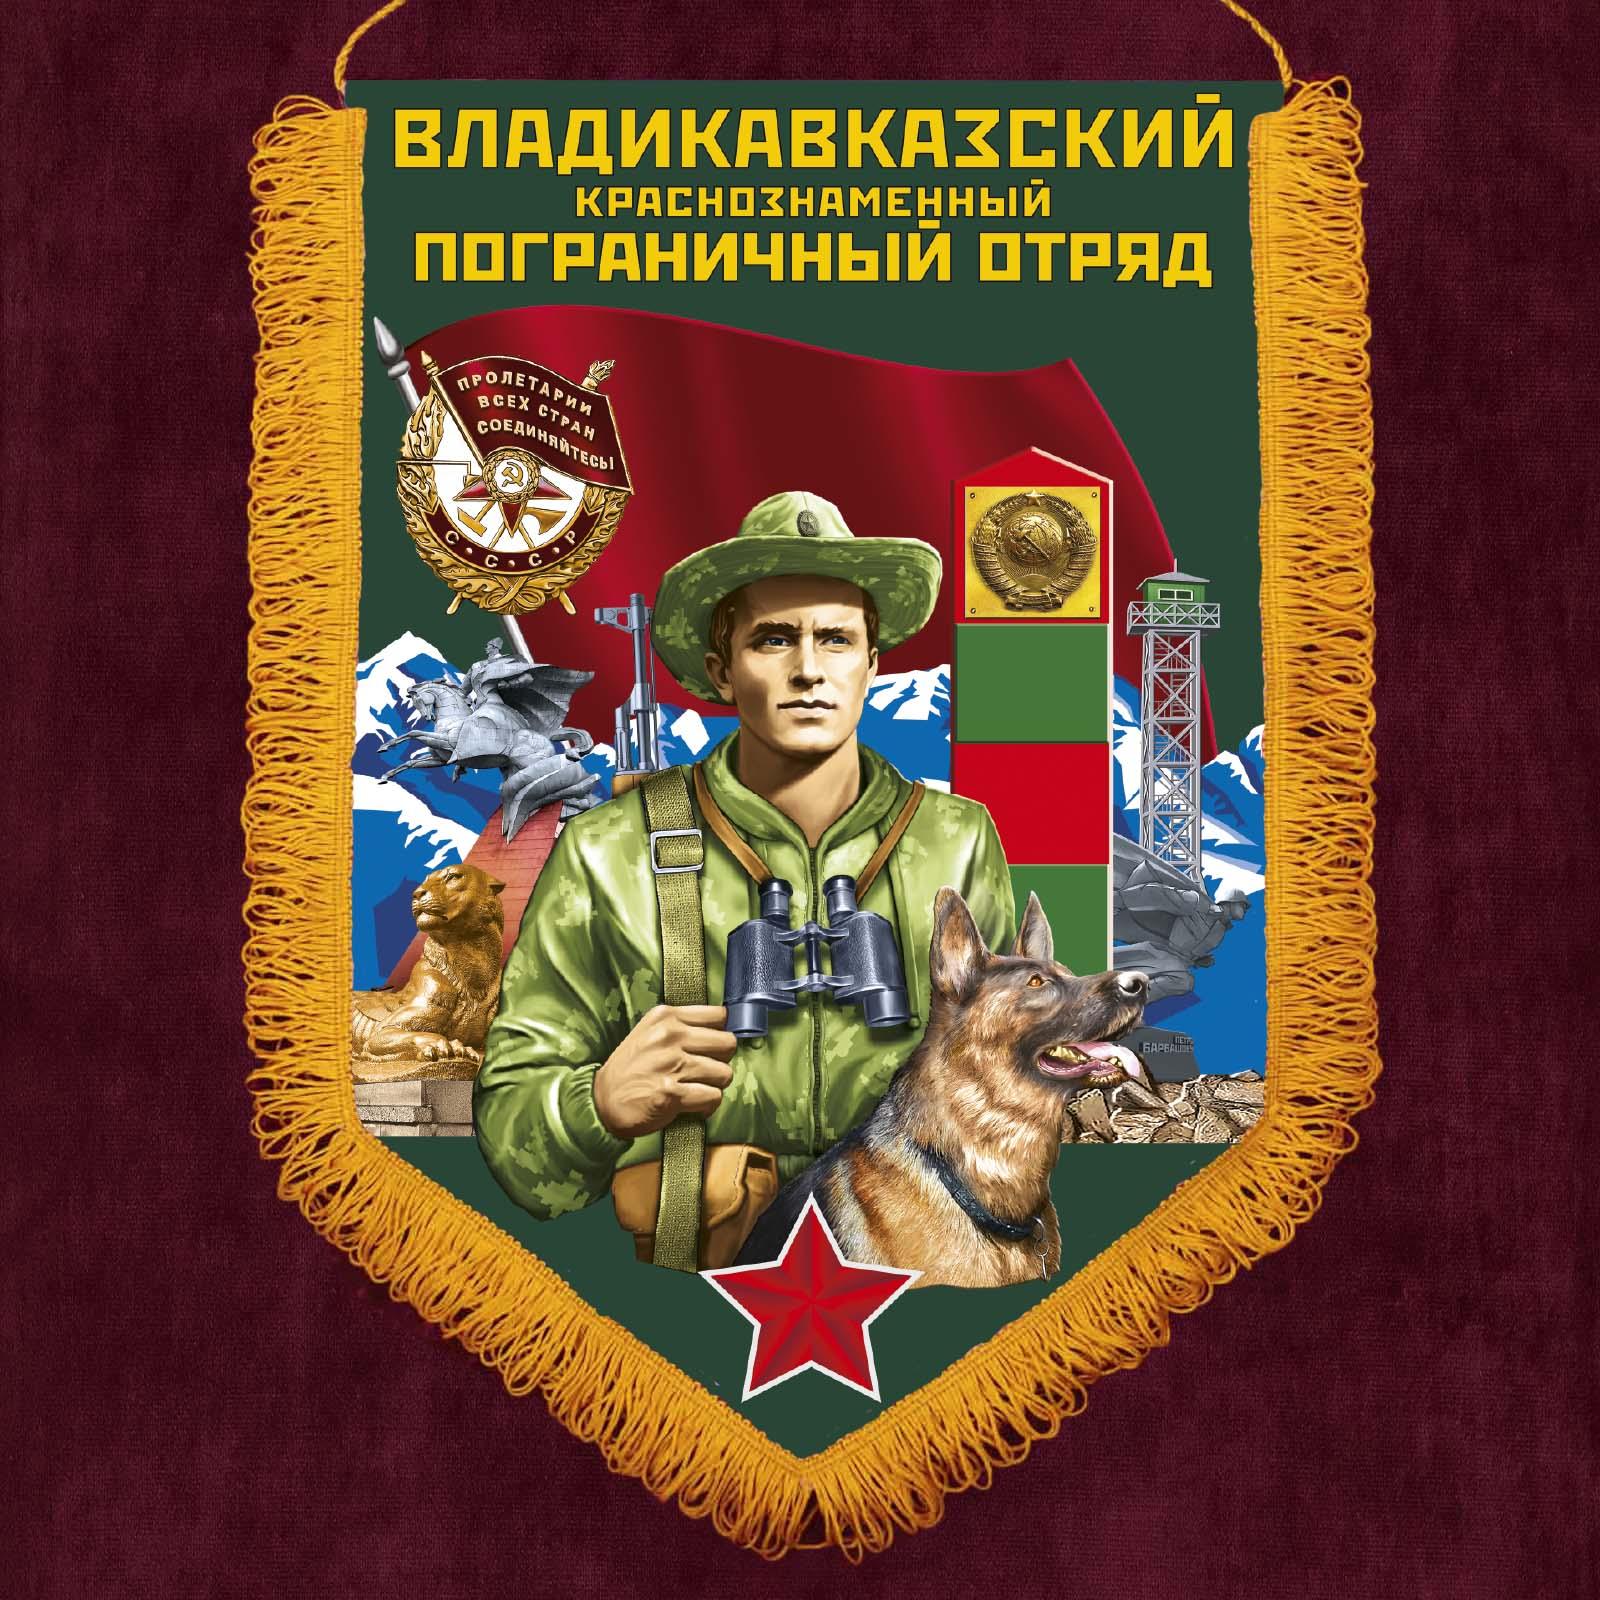 Настенный вымпел Владикавказский пограничный отряд